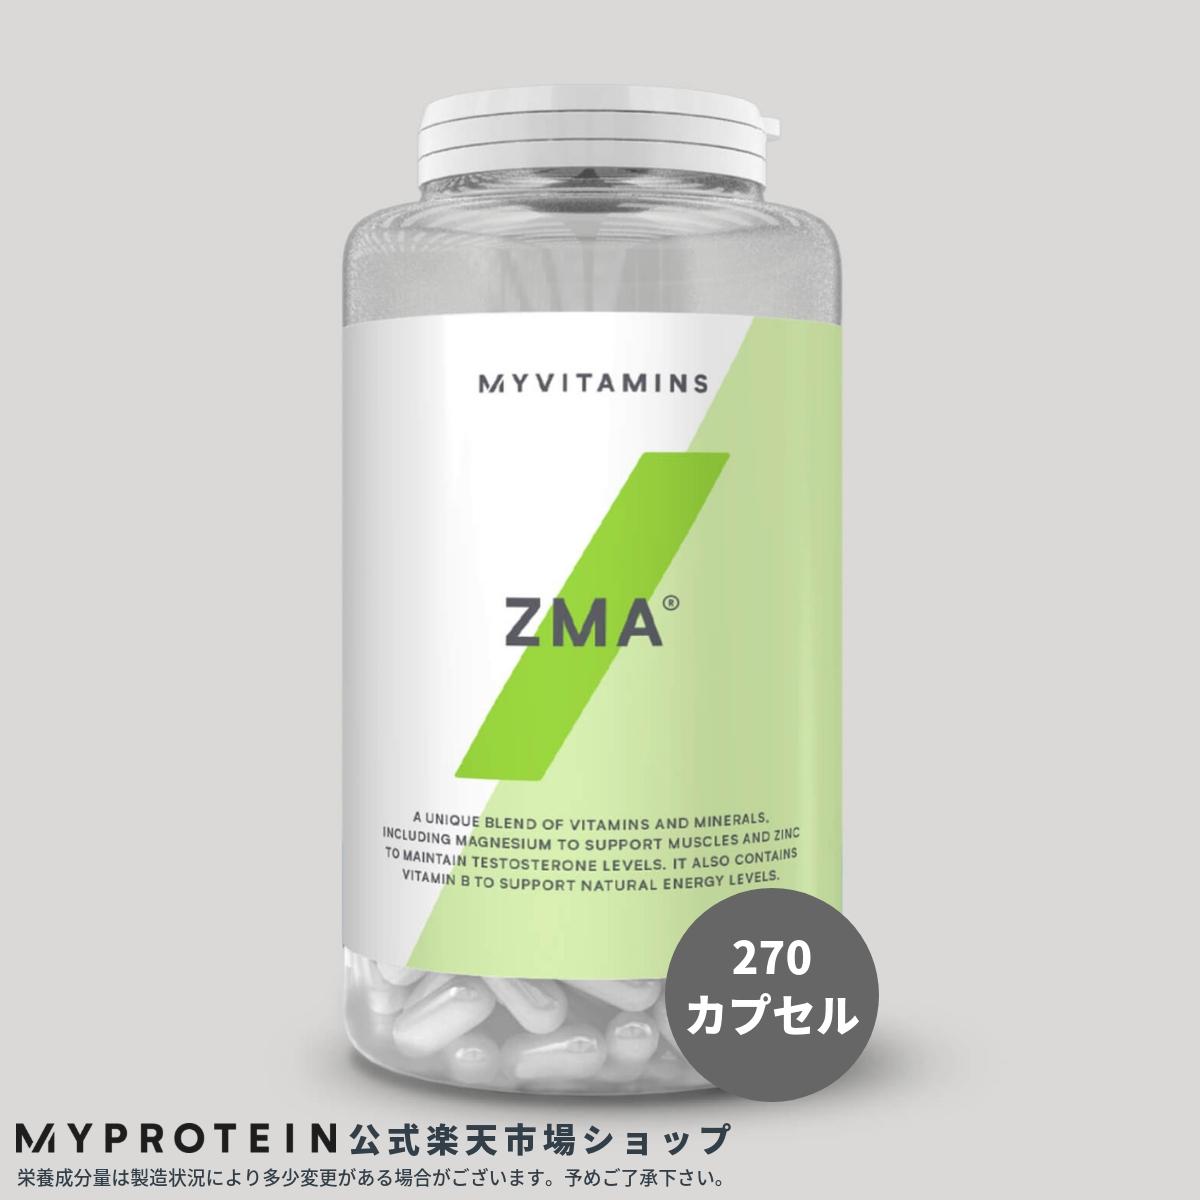 マイプロテイン 公式 【MyProtein】 ZMA 270カプセル 135日分| サプリメント サプリ 亜鉛 マグネシウム ビタミンB 栄養補助食品 栄養補助 スポーツサプリ スポーツサプリメント リカバリー 代謝【楽天海外直送】